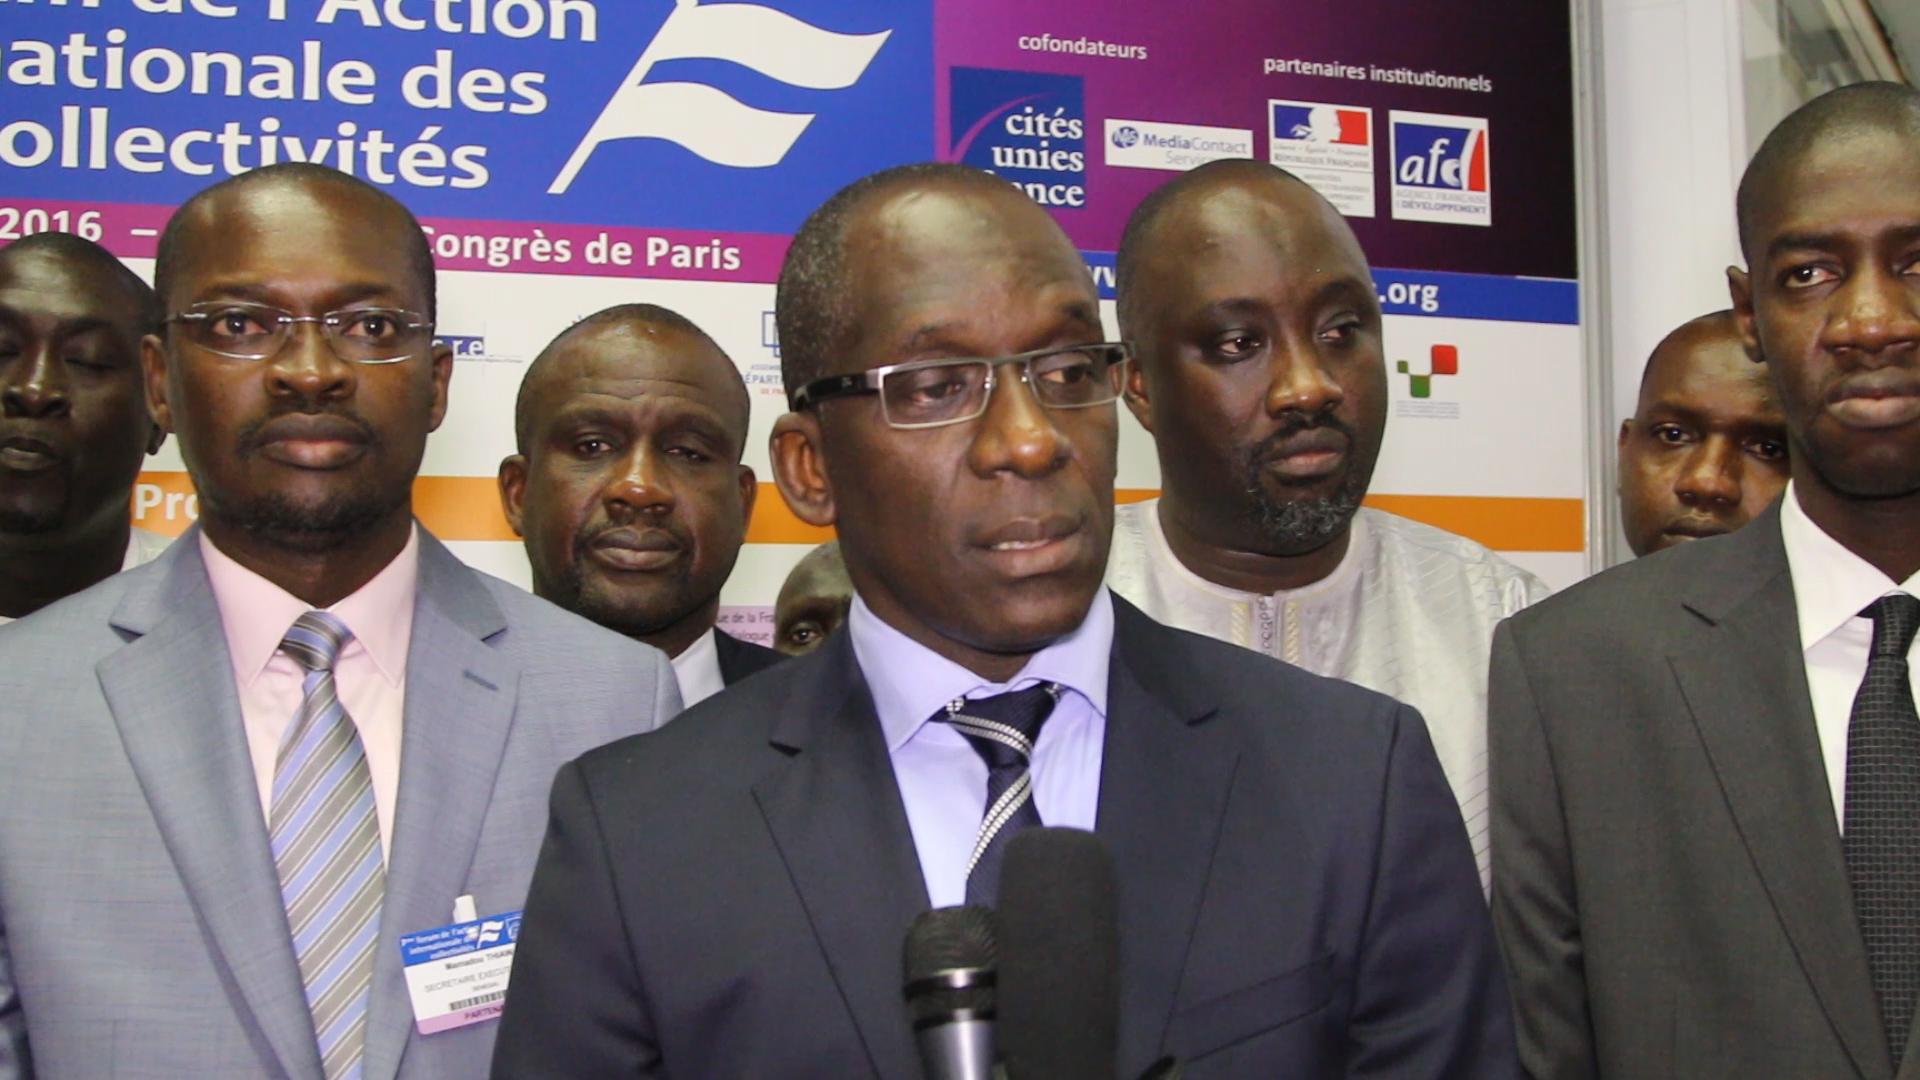 Forum de l'action internationale des collectivités : Abdoulaye Diouf Sarr, plaide pour des financements innovants des Collectivités  locales »